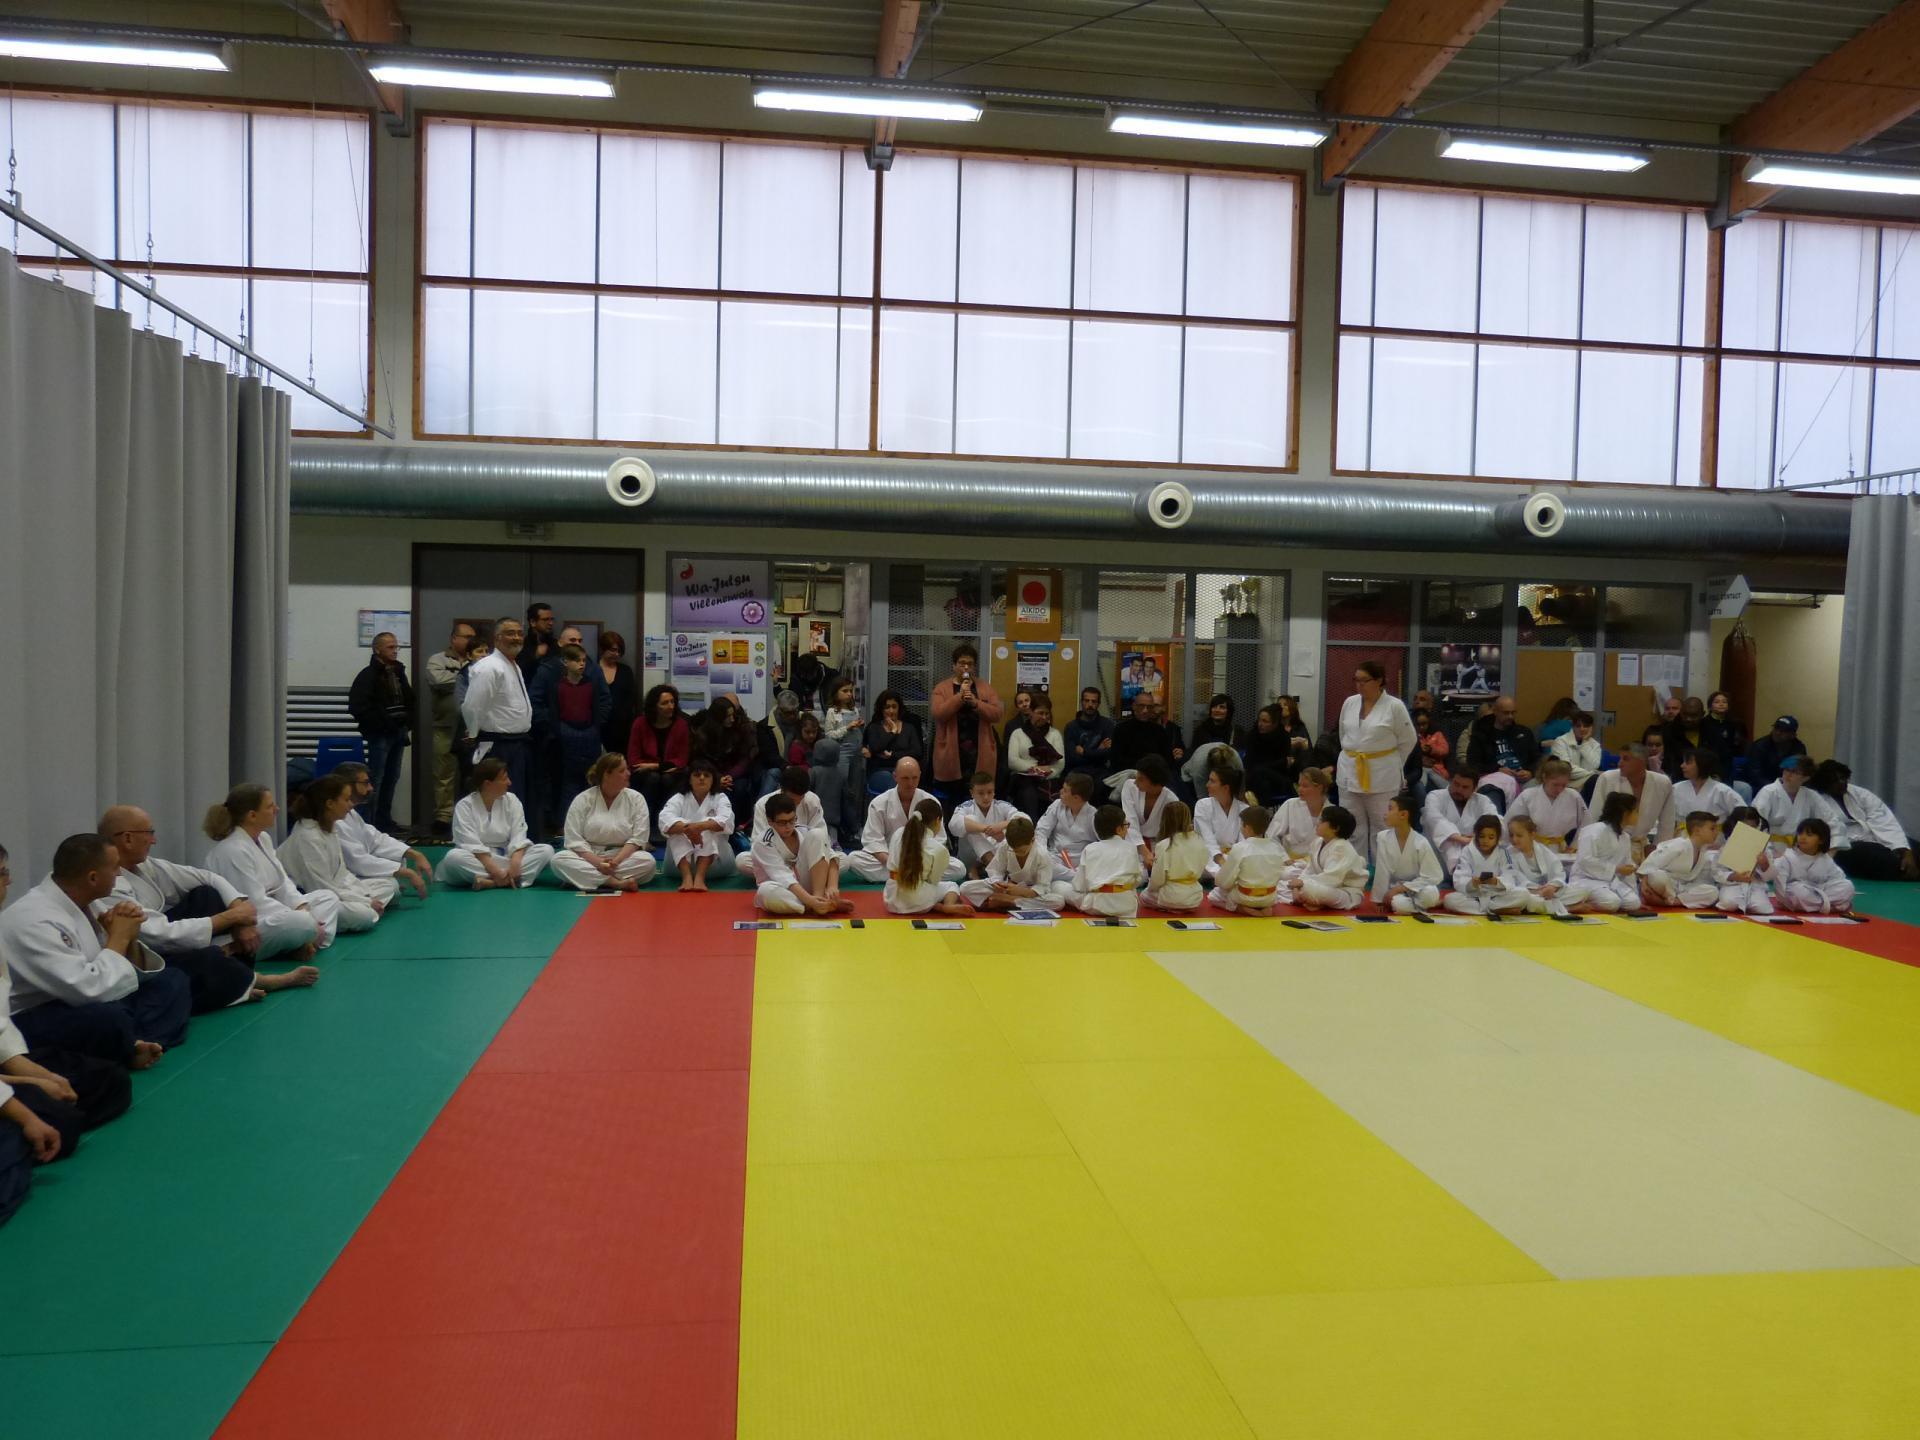 Kagami-Biraki Villeneuve 19 janvier 2019 Elocution de Mme Albinet, chargée des sports